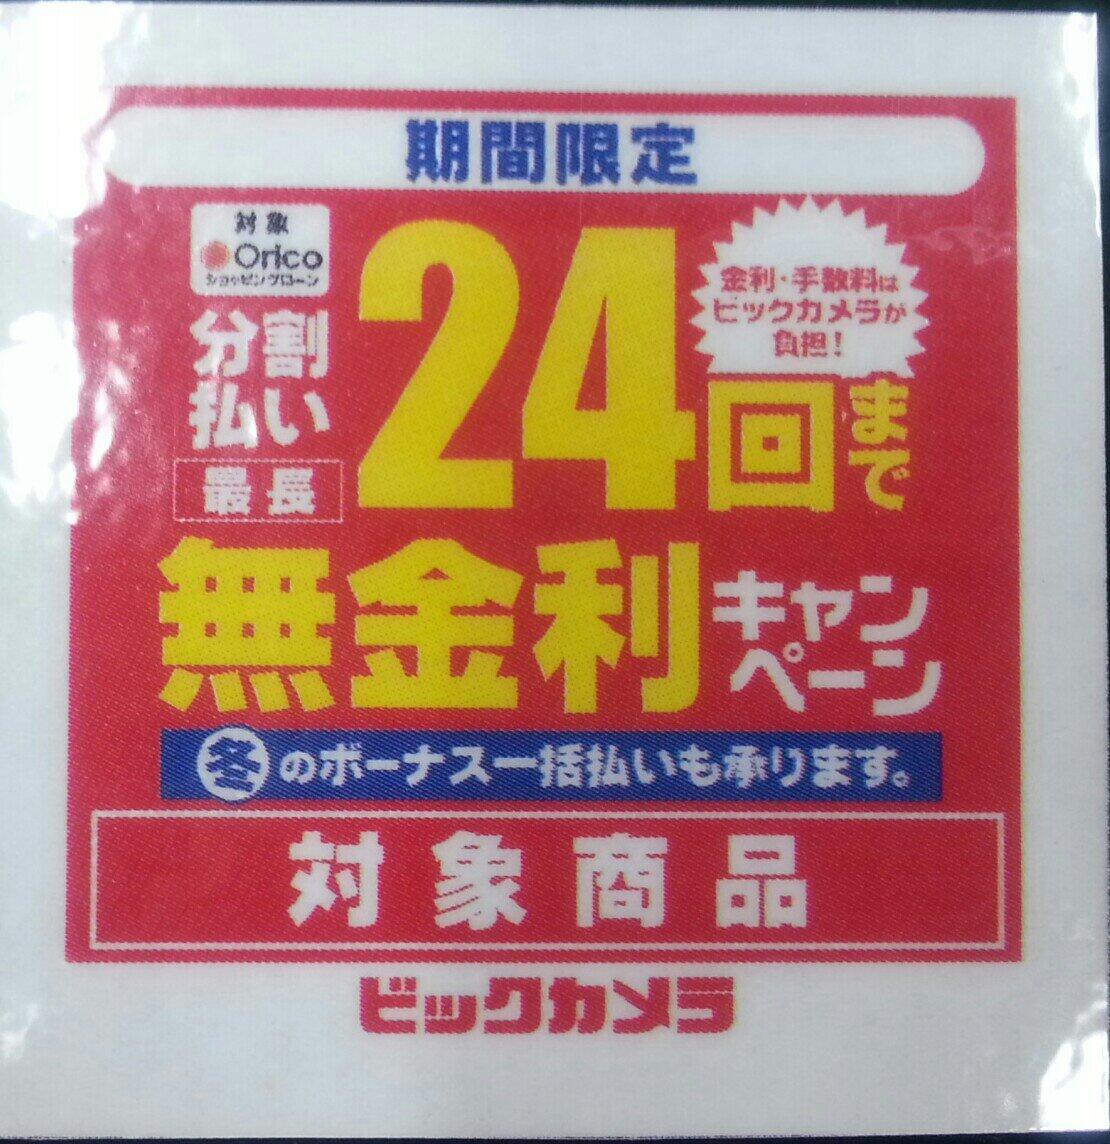 new styles 10998 7f98d 🅱️ビックカメラ大宮西口そごう店 on Twitter: